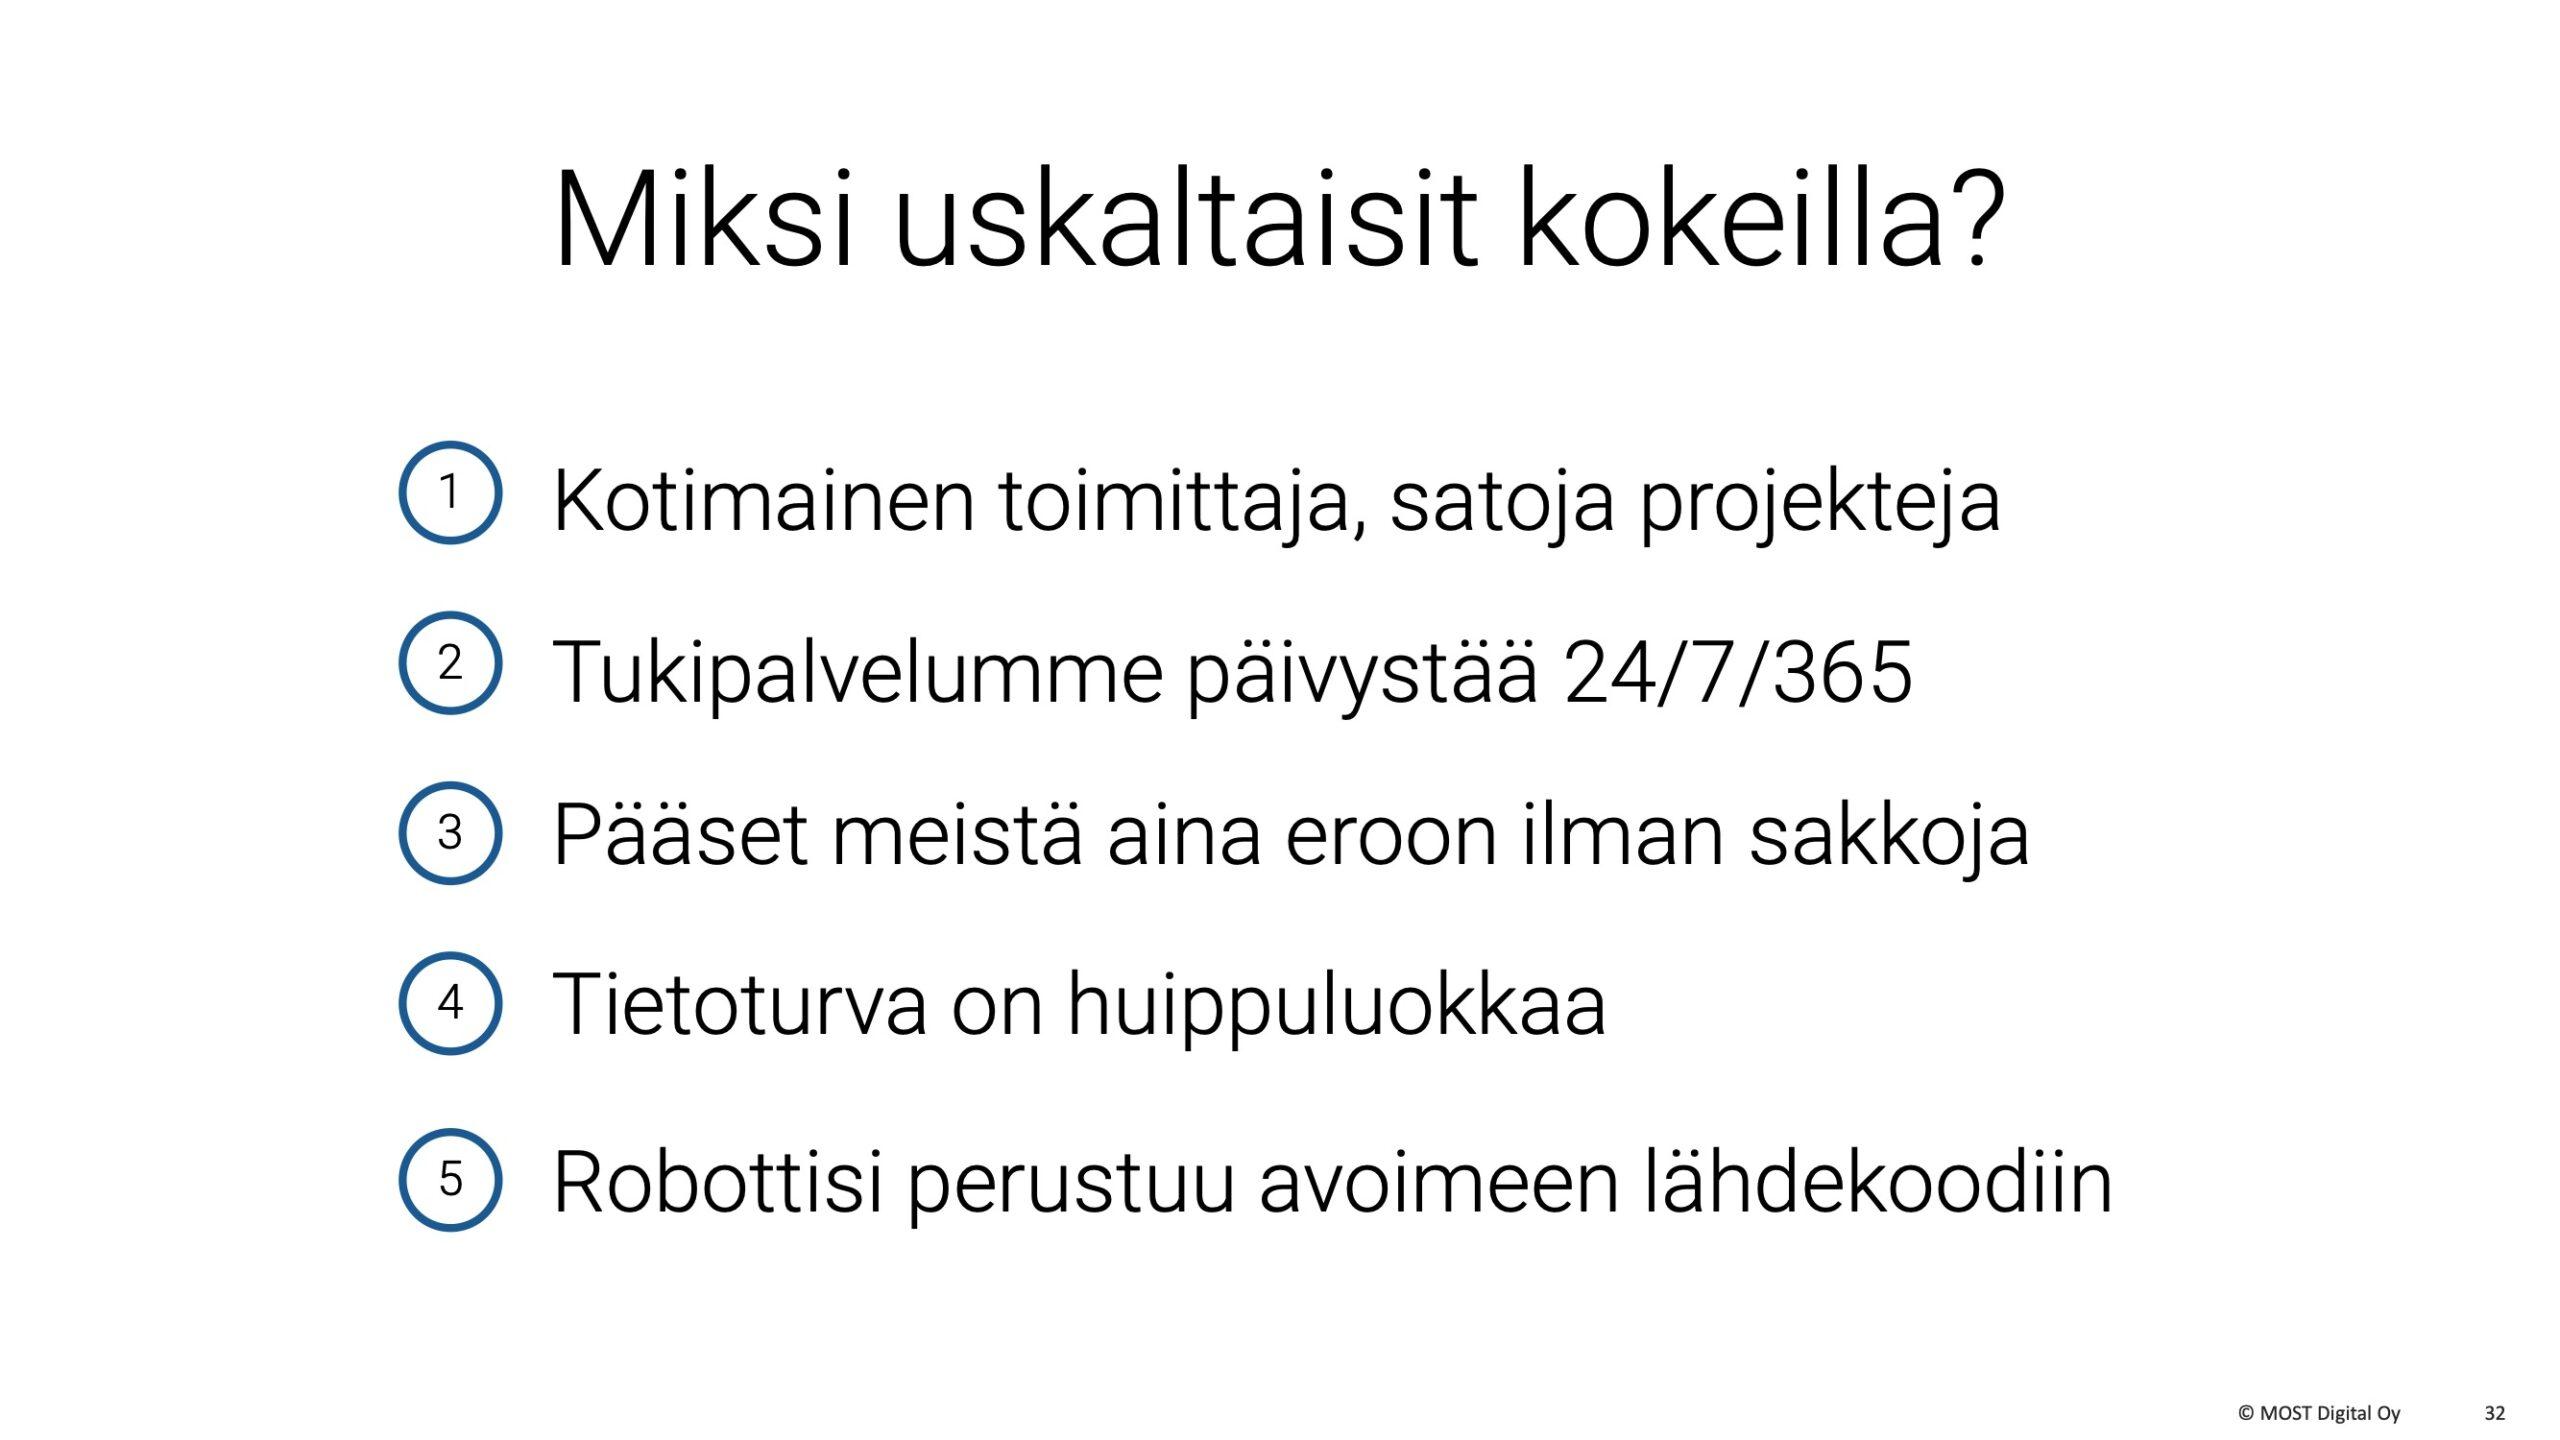 OIVA-ohjelmistorobotti, MYYNTIESITYS, osa 2, sivu 14: Tässä on vuorossa pelkojenpoistosivu. Se vastaa kysymykseen, miksi asiakas uskaltaisi tilata robottinsa juuri MOST Digital Oy:ltä.